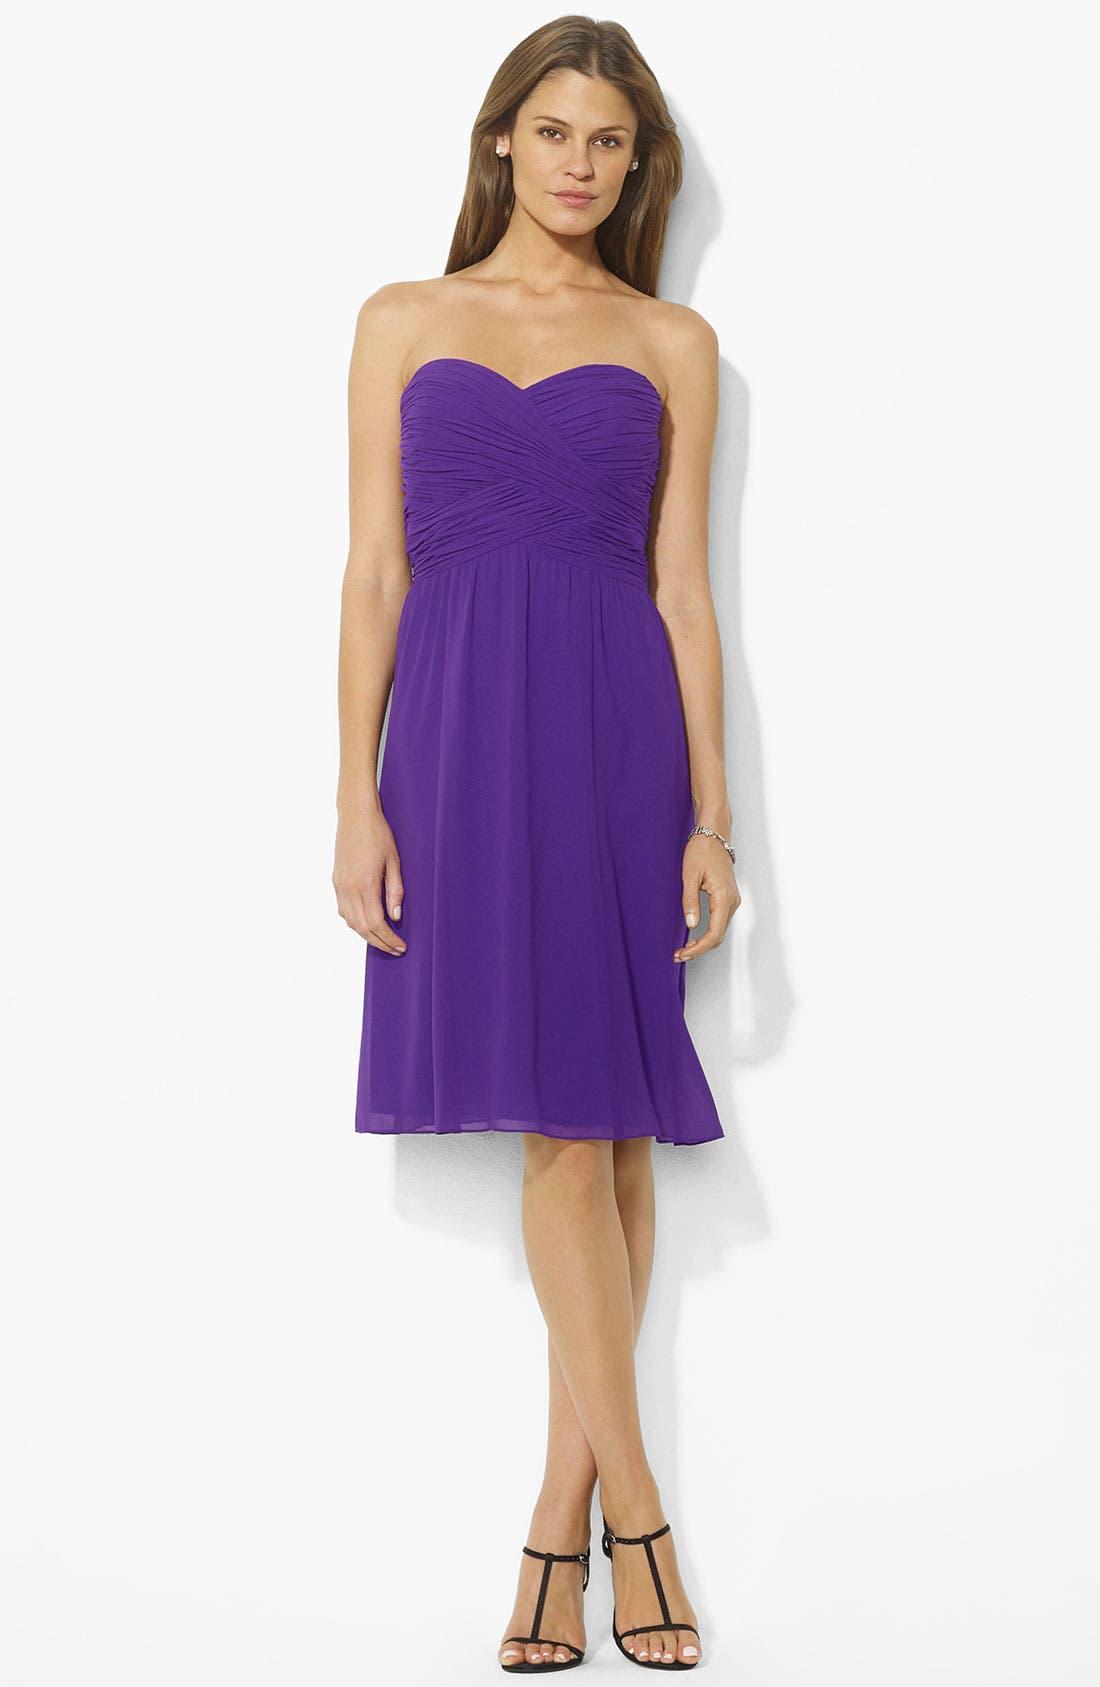 Alternate Image 1 Selected - Lauren Ralph Lauren Ruched Sweetheart Dress